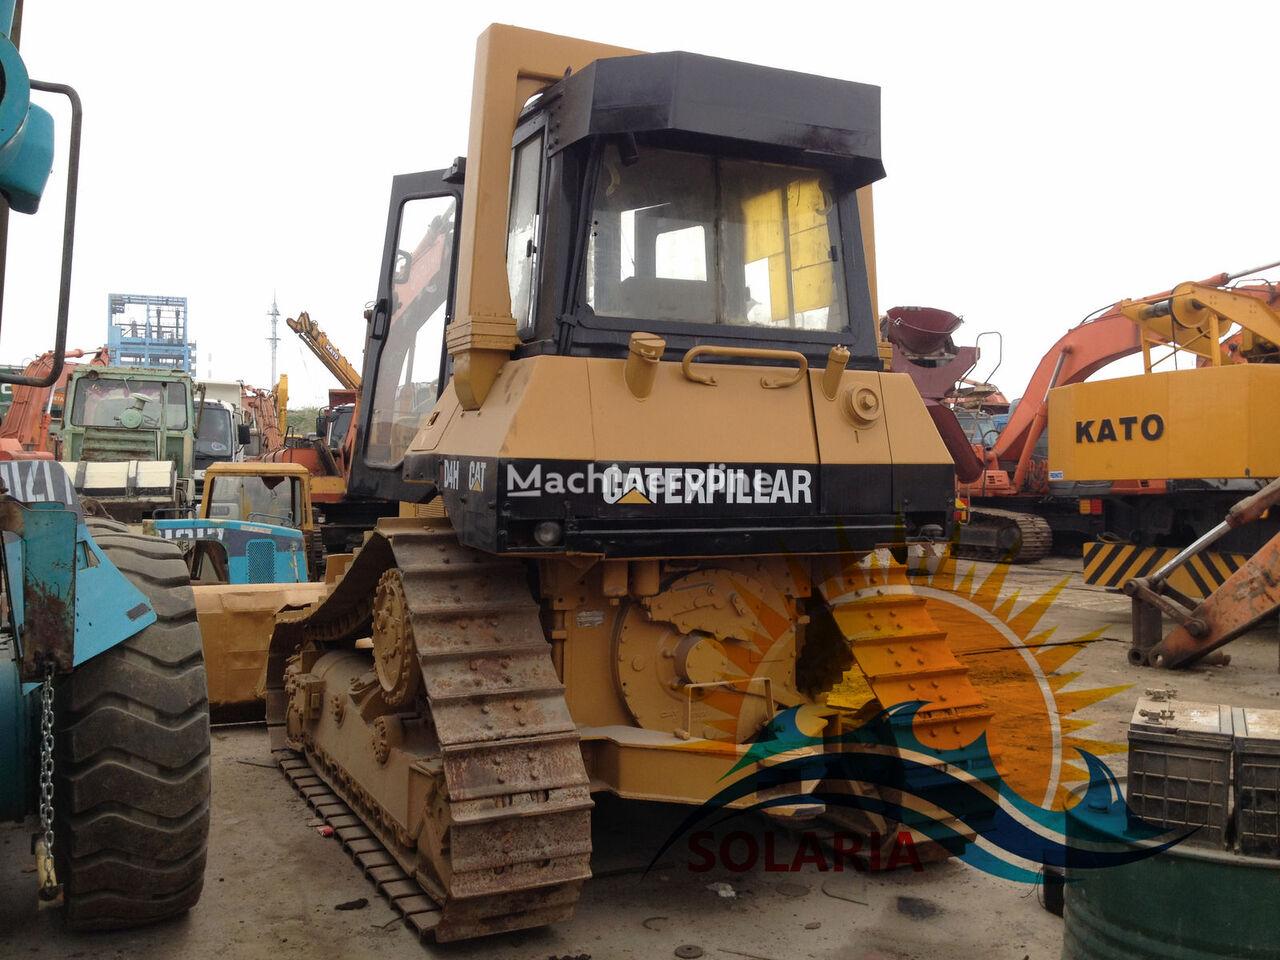 CATERPILLAR D4H bulldozer